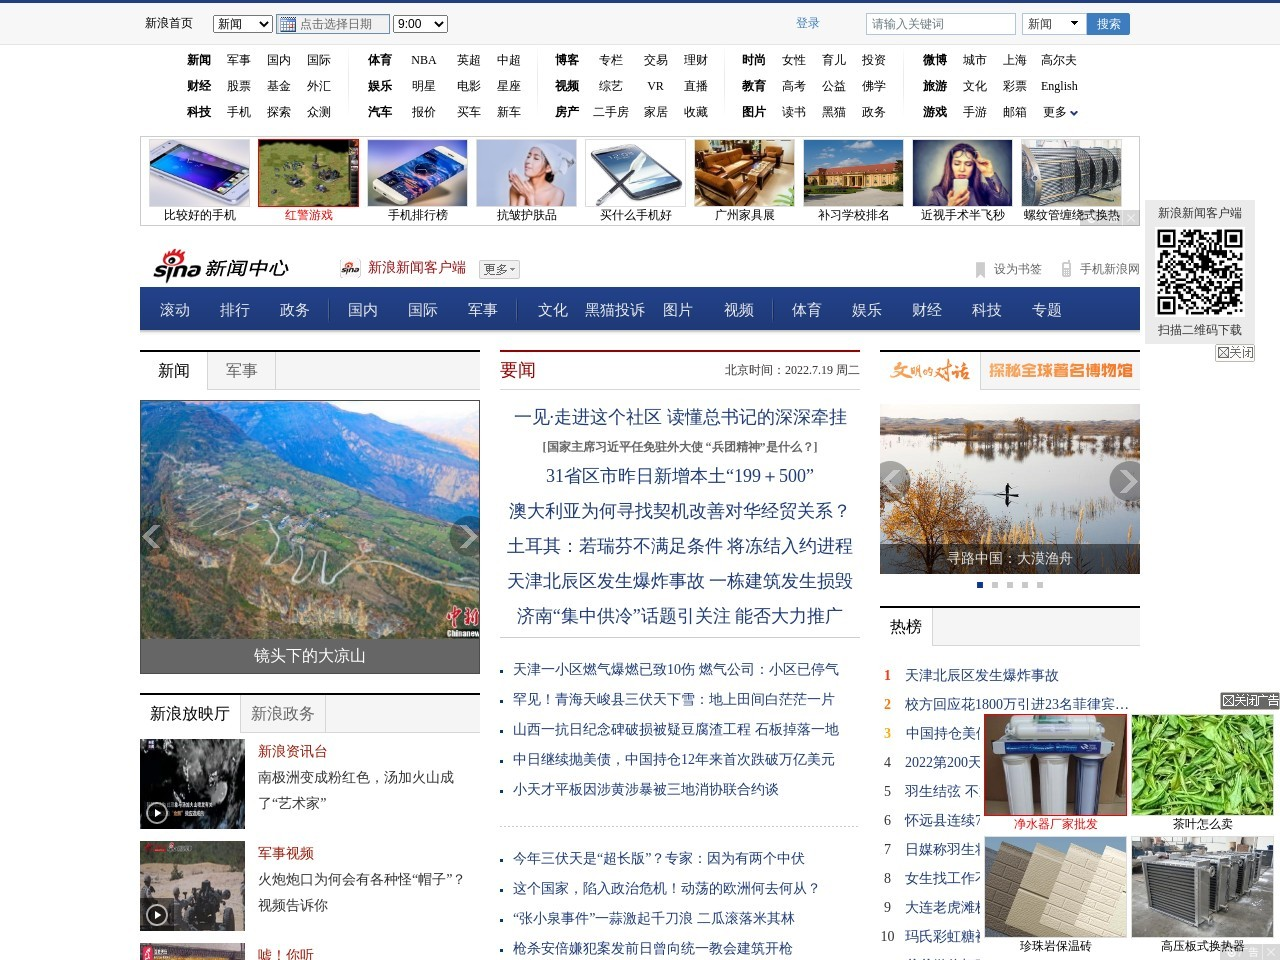 台媒:岛内新冠致死率突破4%,升至世界第一 新冠致死率 台媒 台湾省_新浪新闻